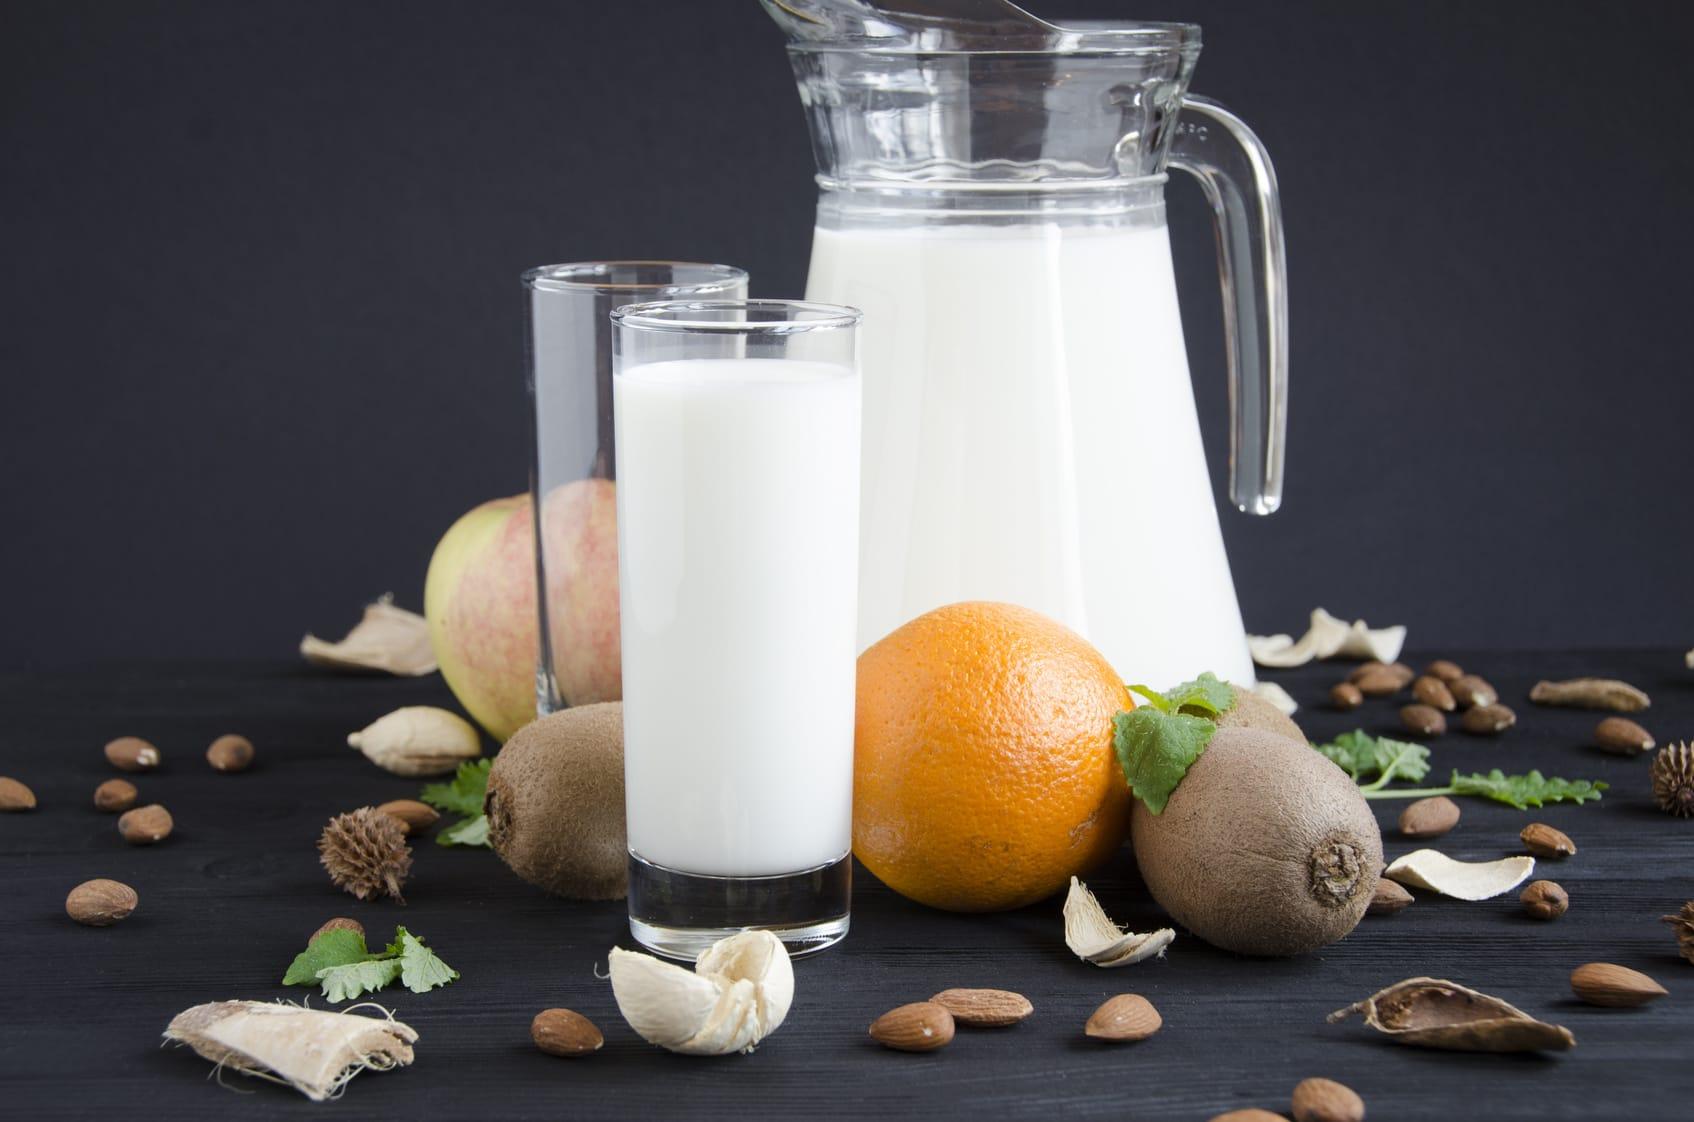 Vertragen sich Kiwis und Milch?